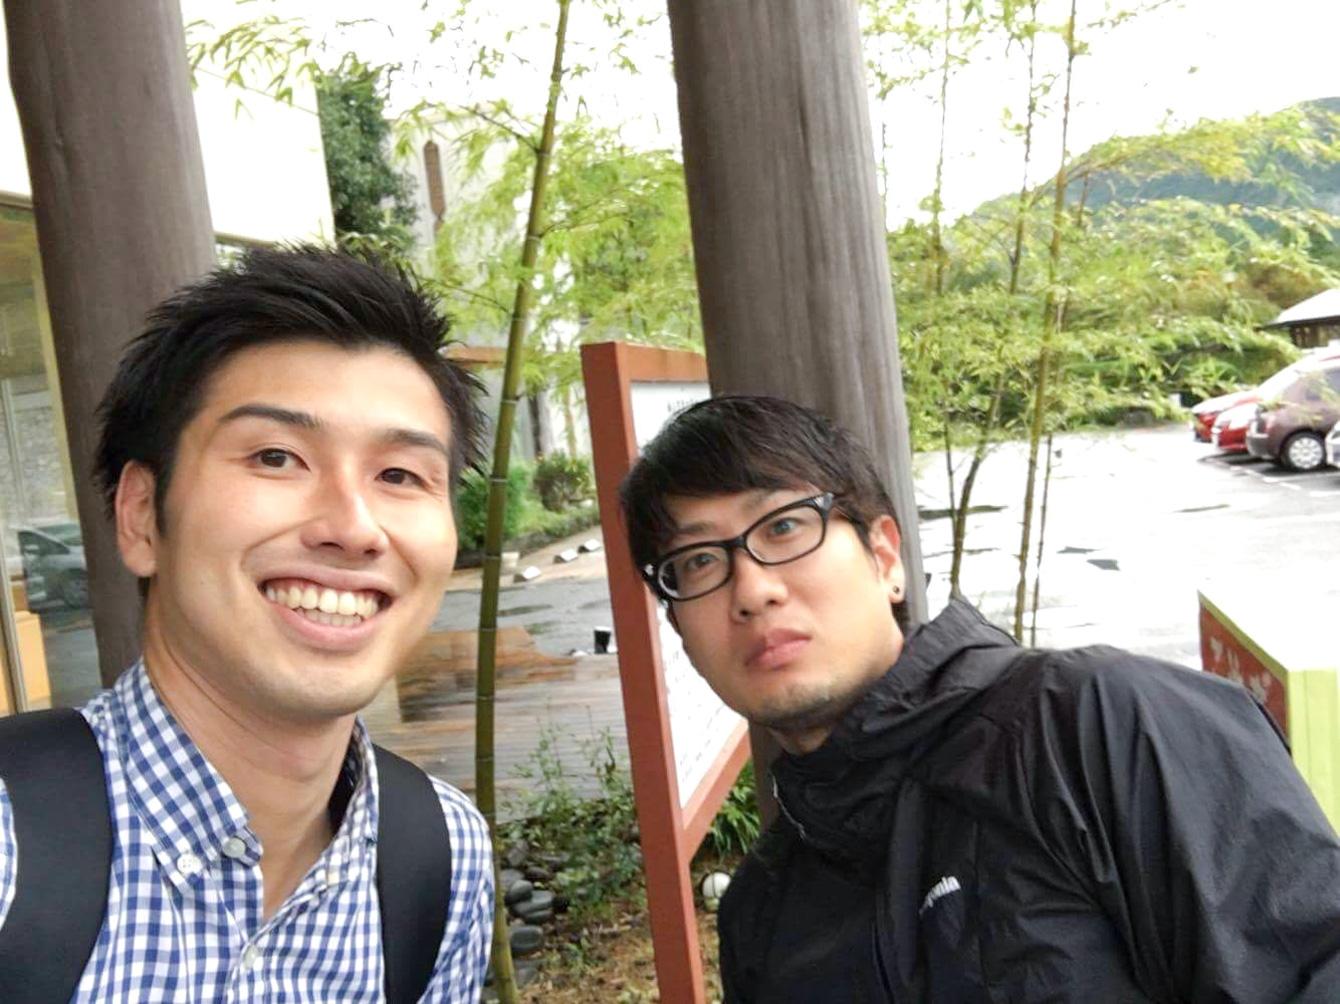 神山温泉の前で、記念の2ショット。本当に笑顔が素敵な方でした。